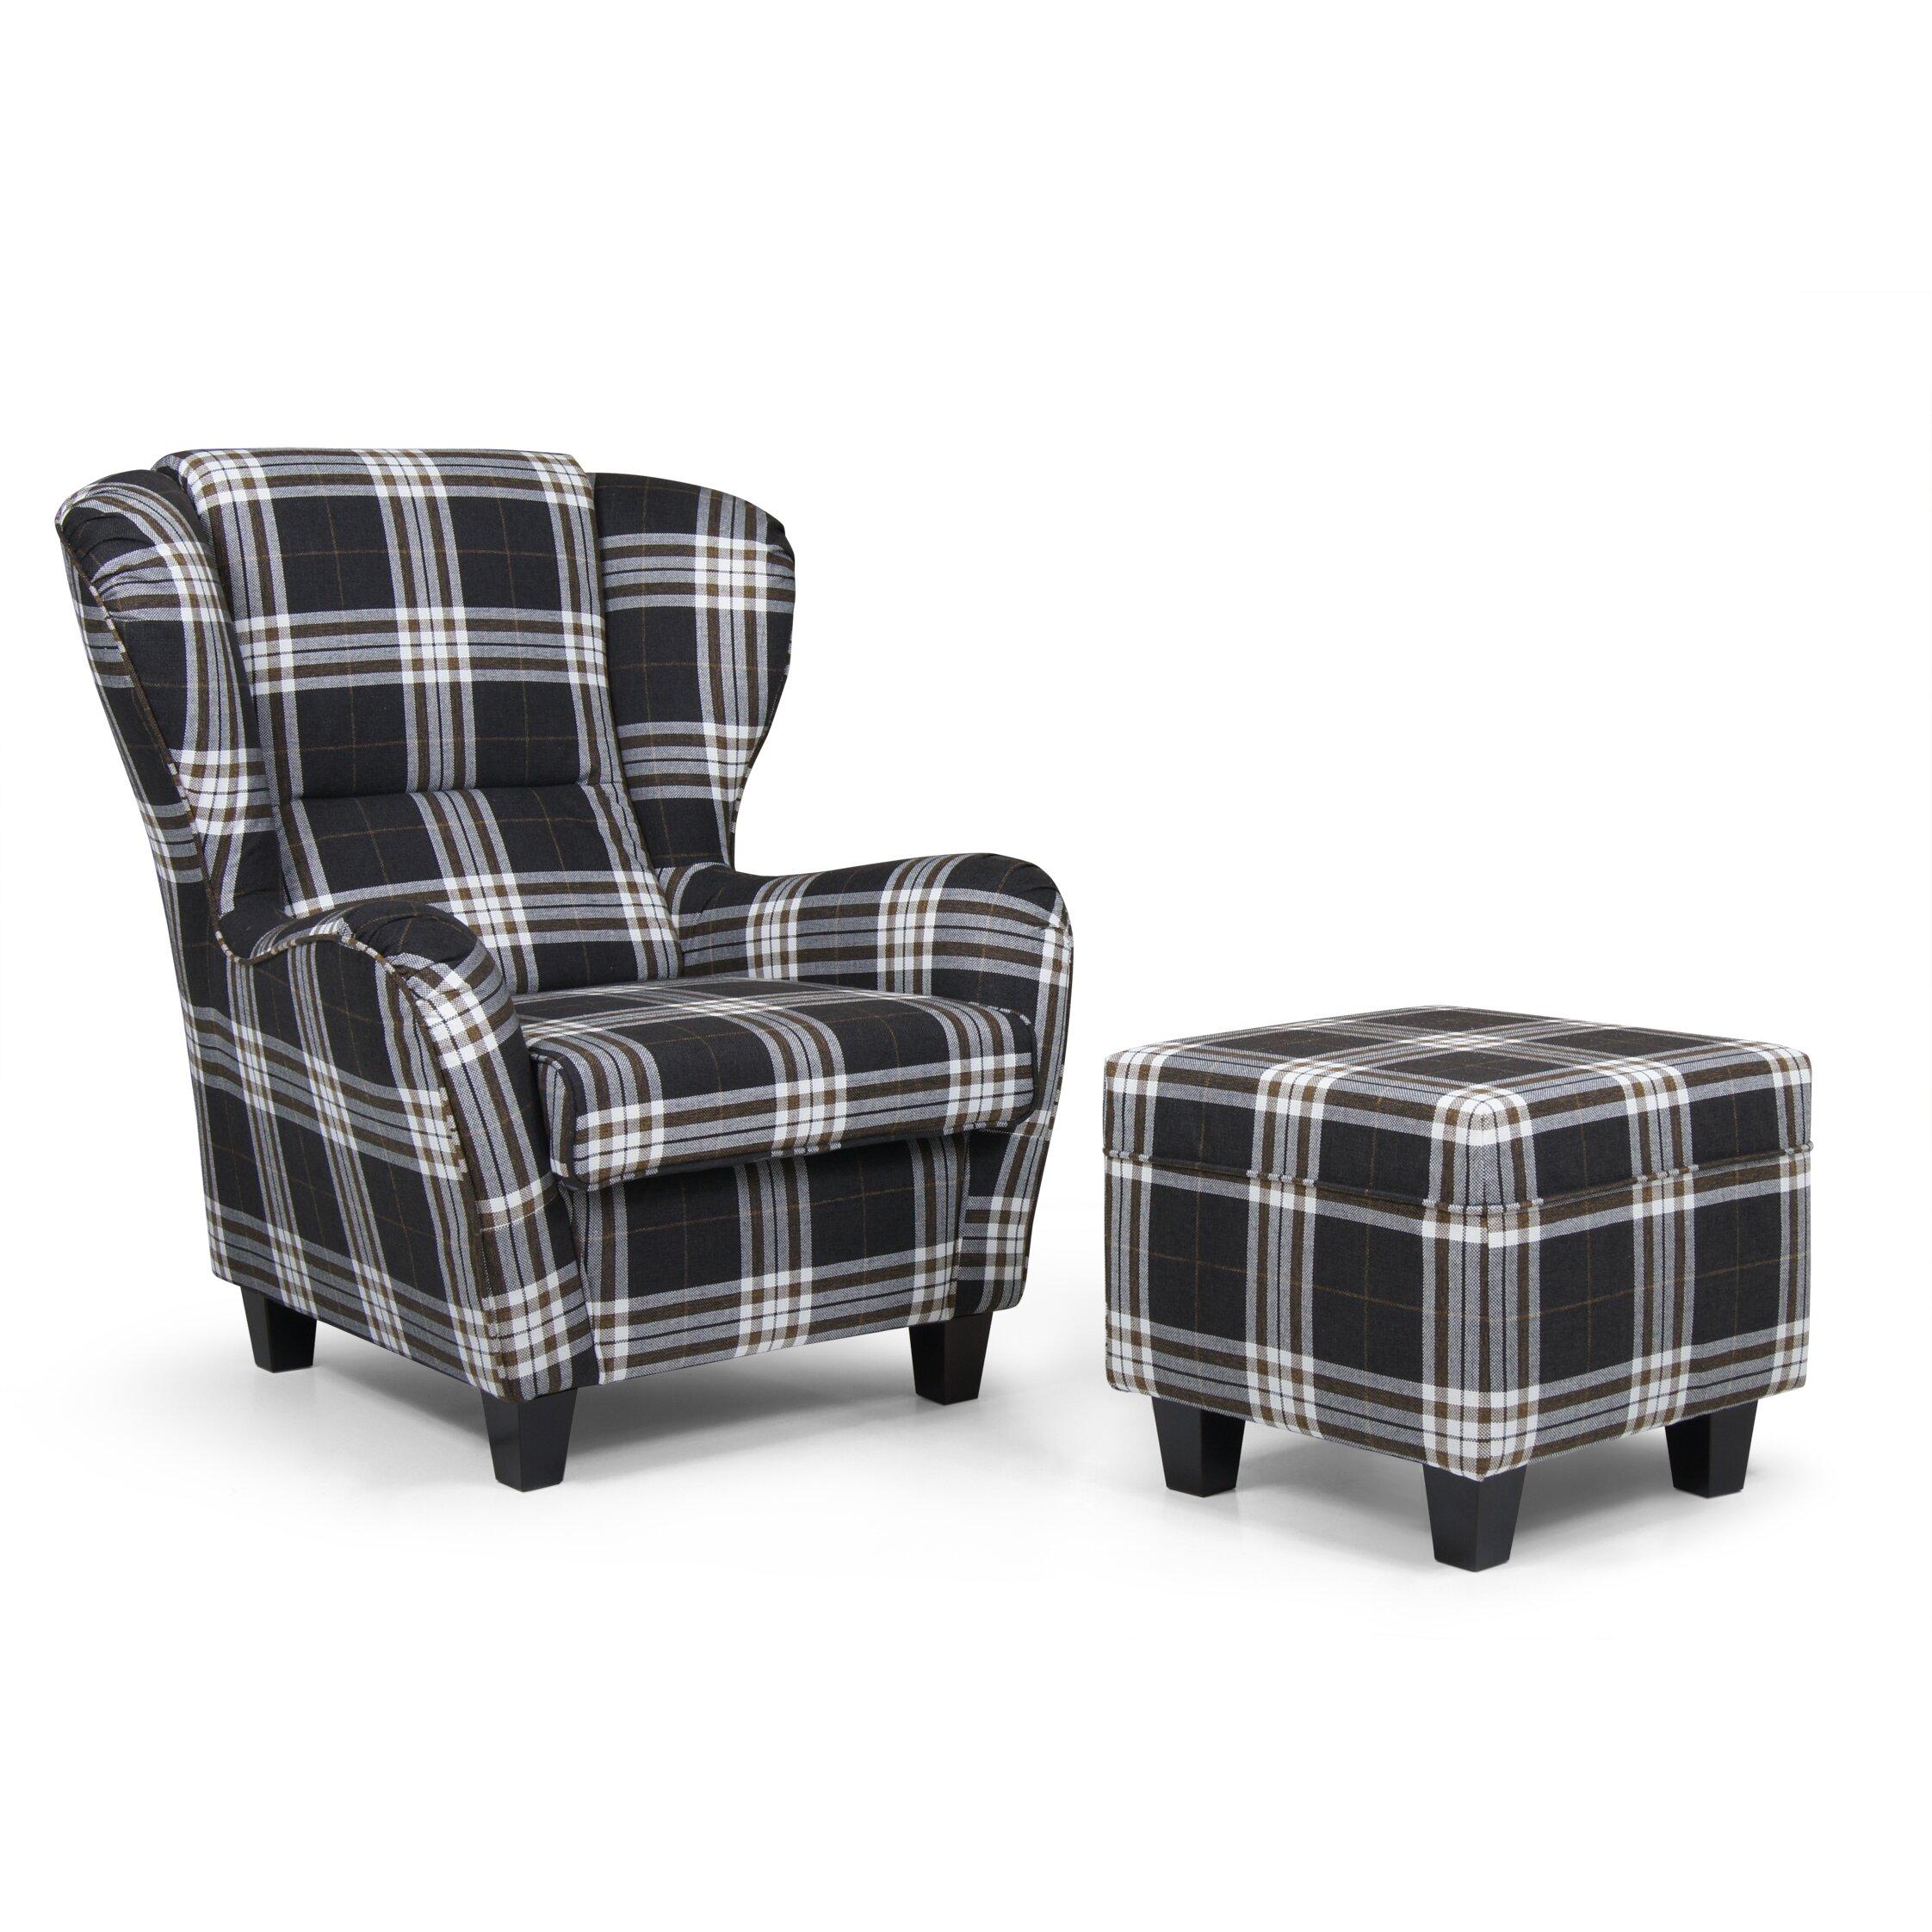 home haus ohrensessel birriei karo mit hocker. Black Bedroom Furniture Sets. Home Design Ideas